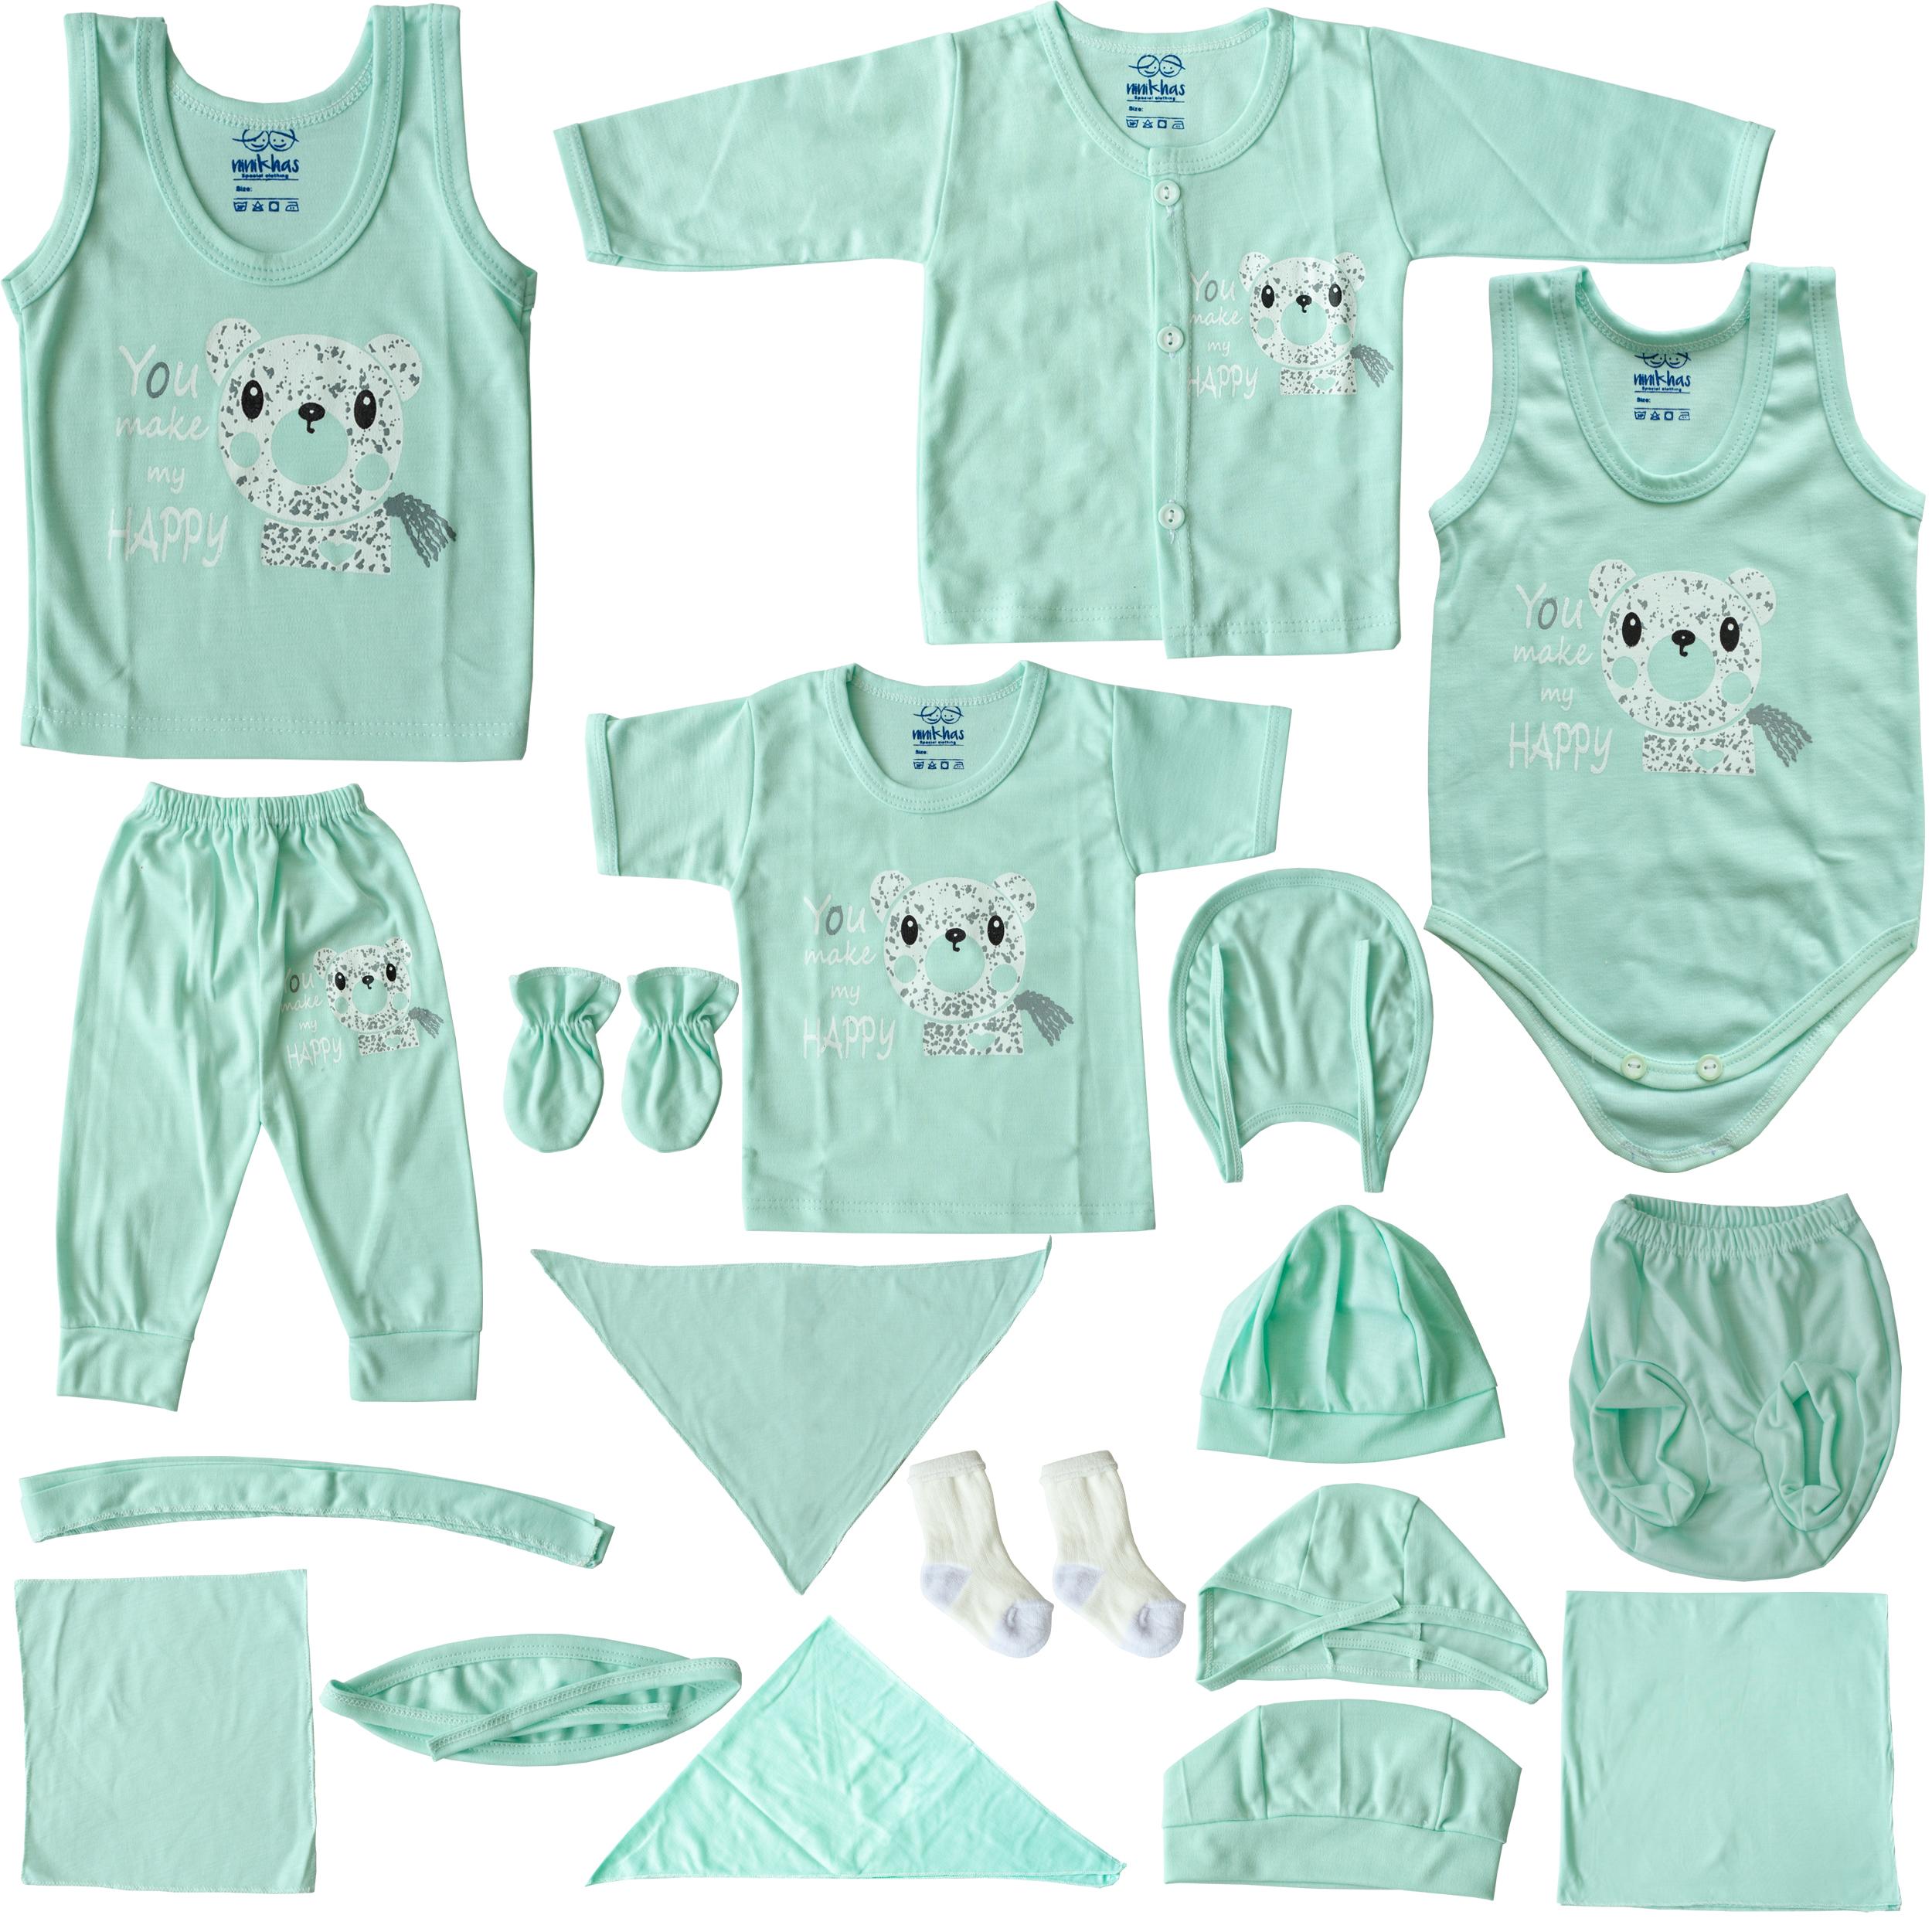 ست 20 تکه لباس نوزادی نی نی خاص کد B31